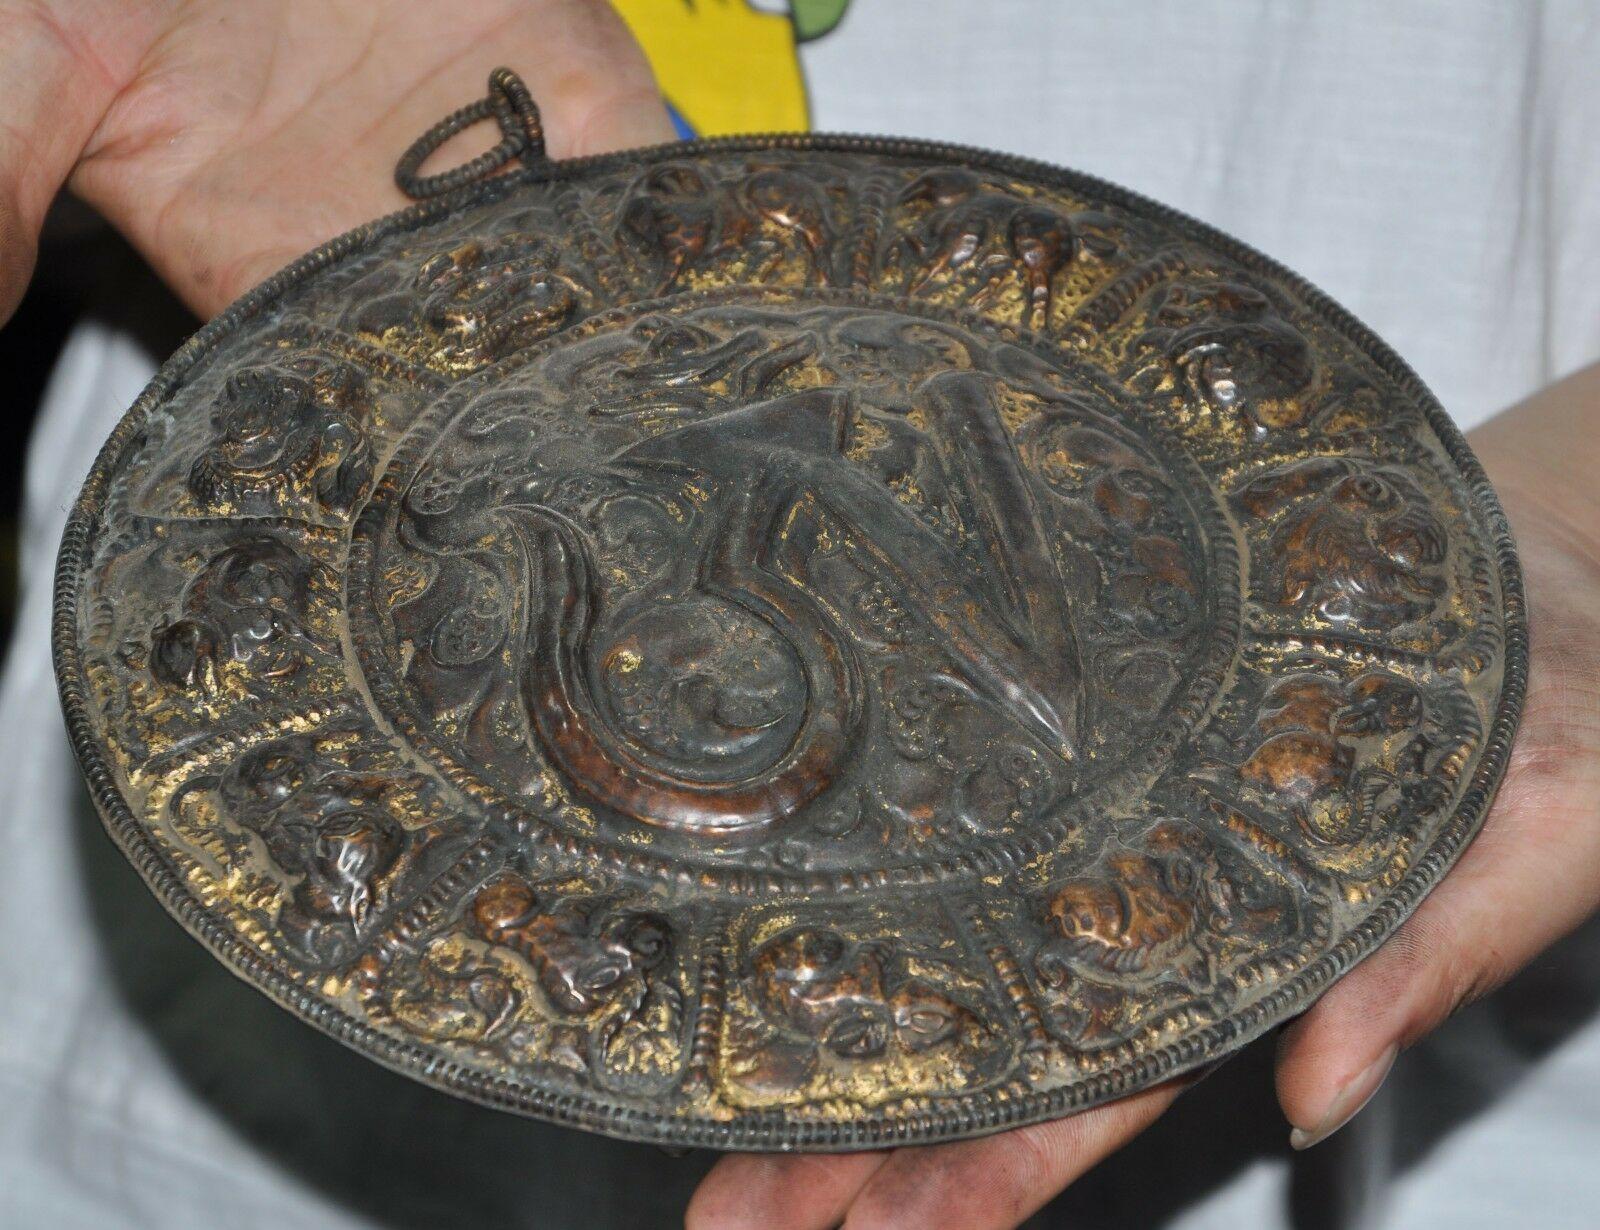 Свадебные украшения 8 Старый тибетский буддизм, бронзовый позолоченный знак зодиака животных Сутра настенный Tangka - 5